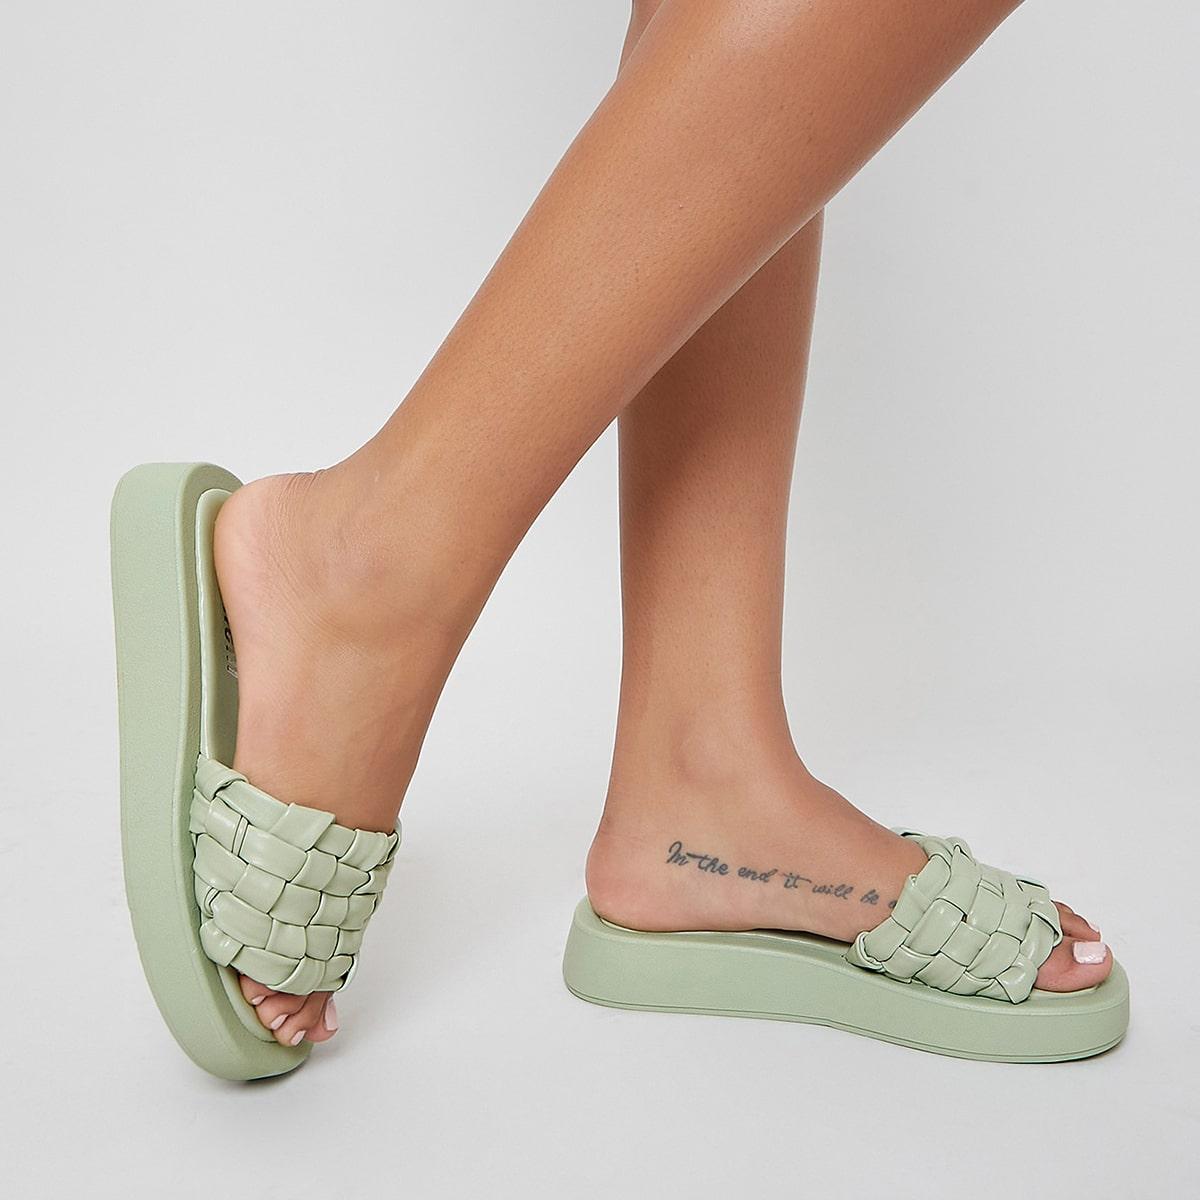 Sandalias de plataforma con tira tejida de cuero vegano